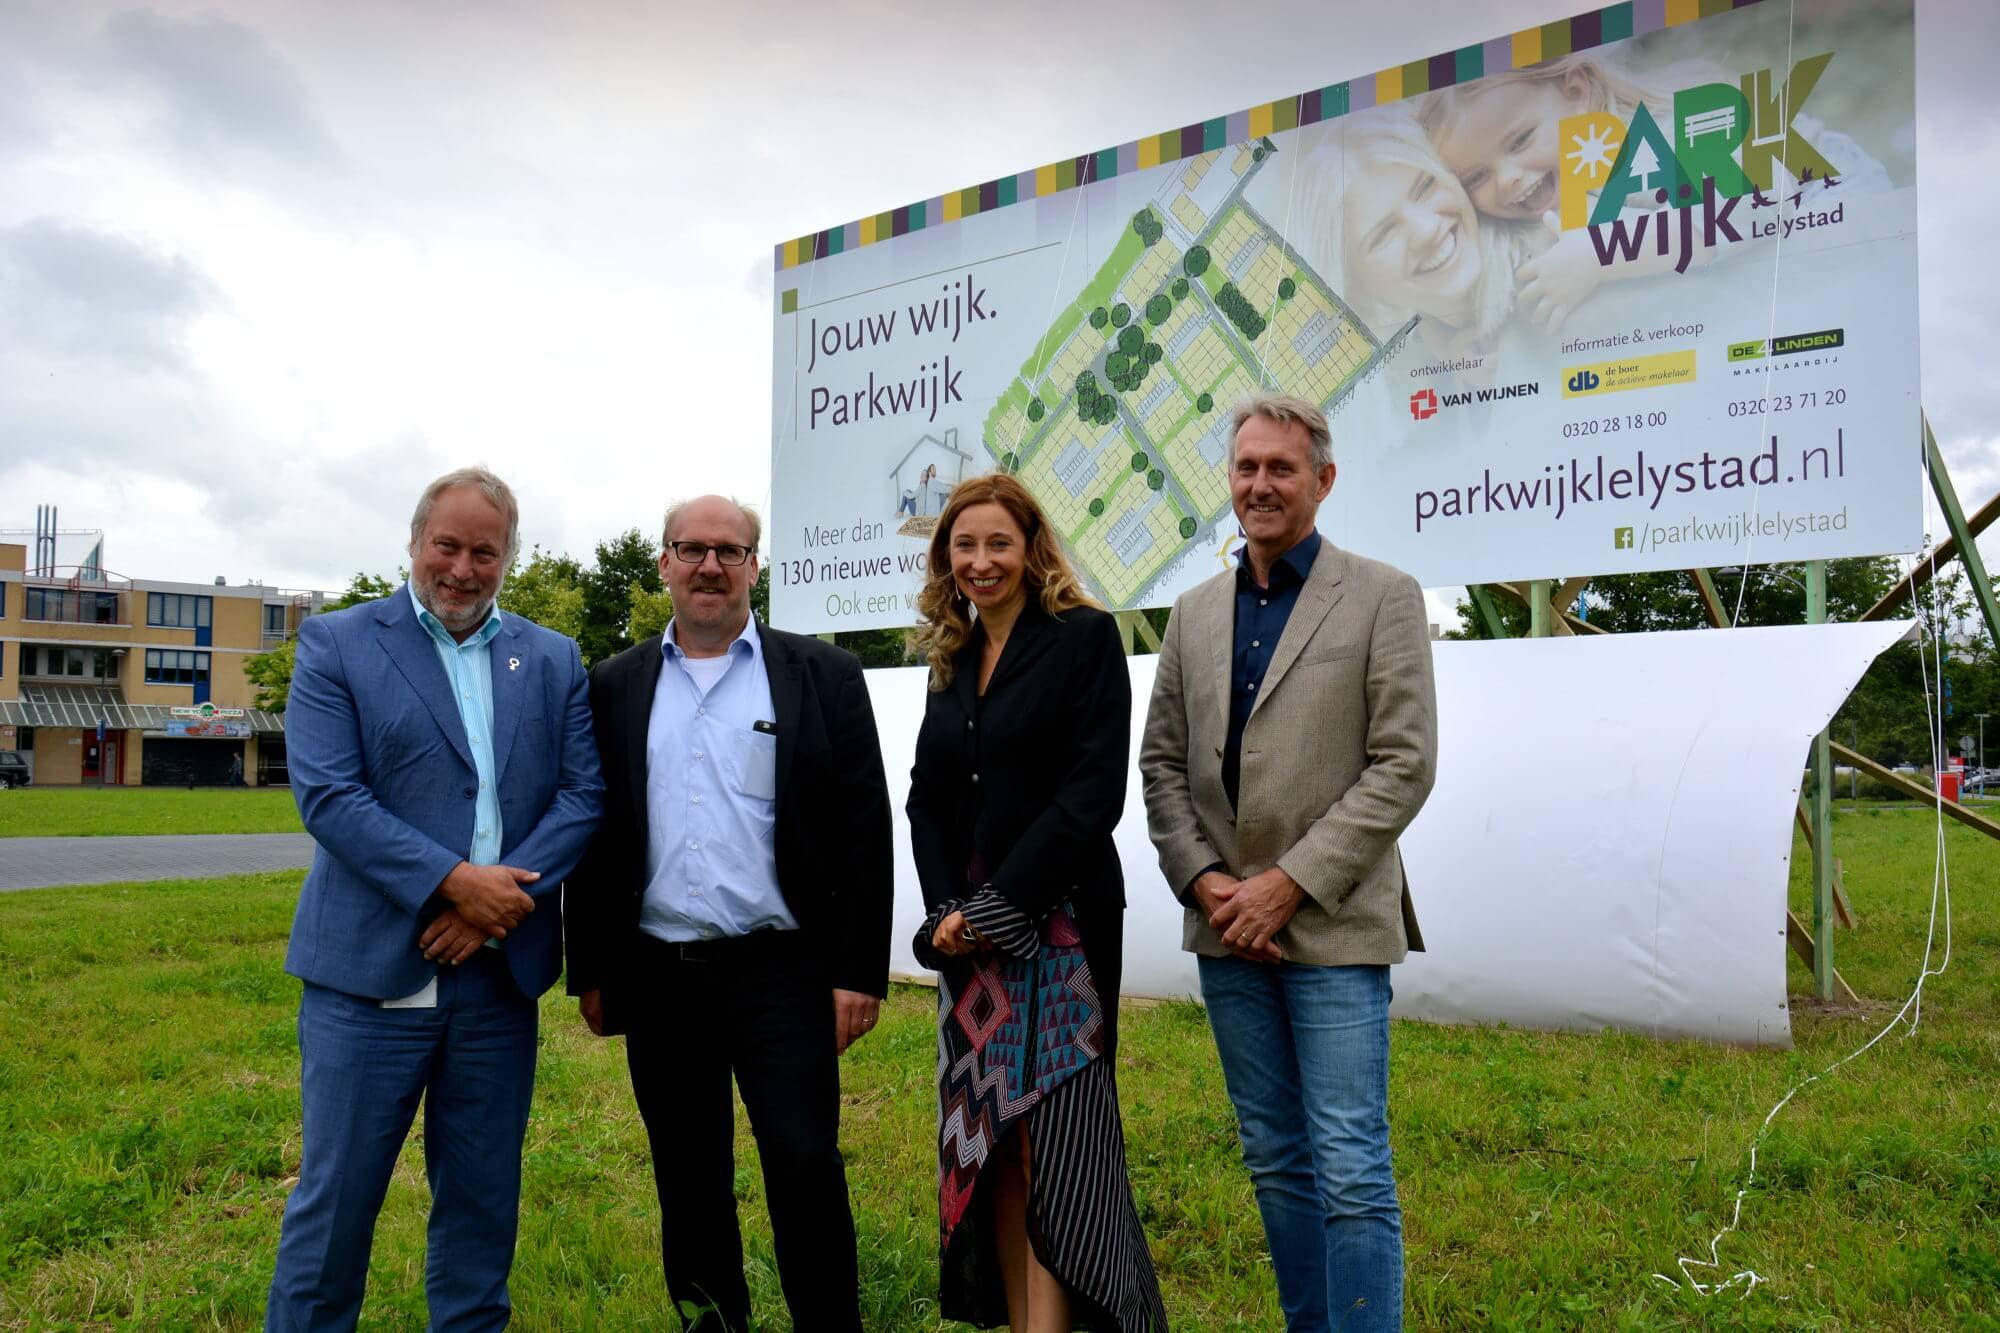 Wethouder Job Fackeldey, Peter Hutten, Nina Nomden en Tjisse Wallendal